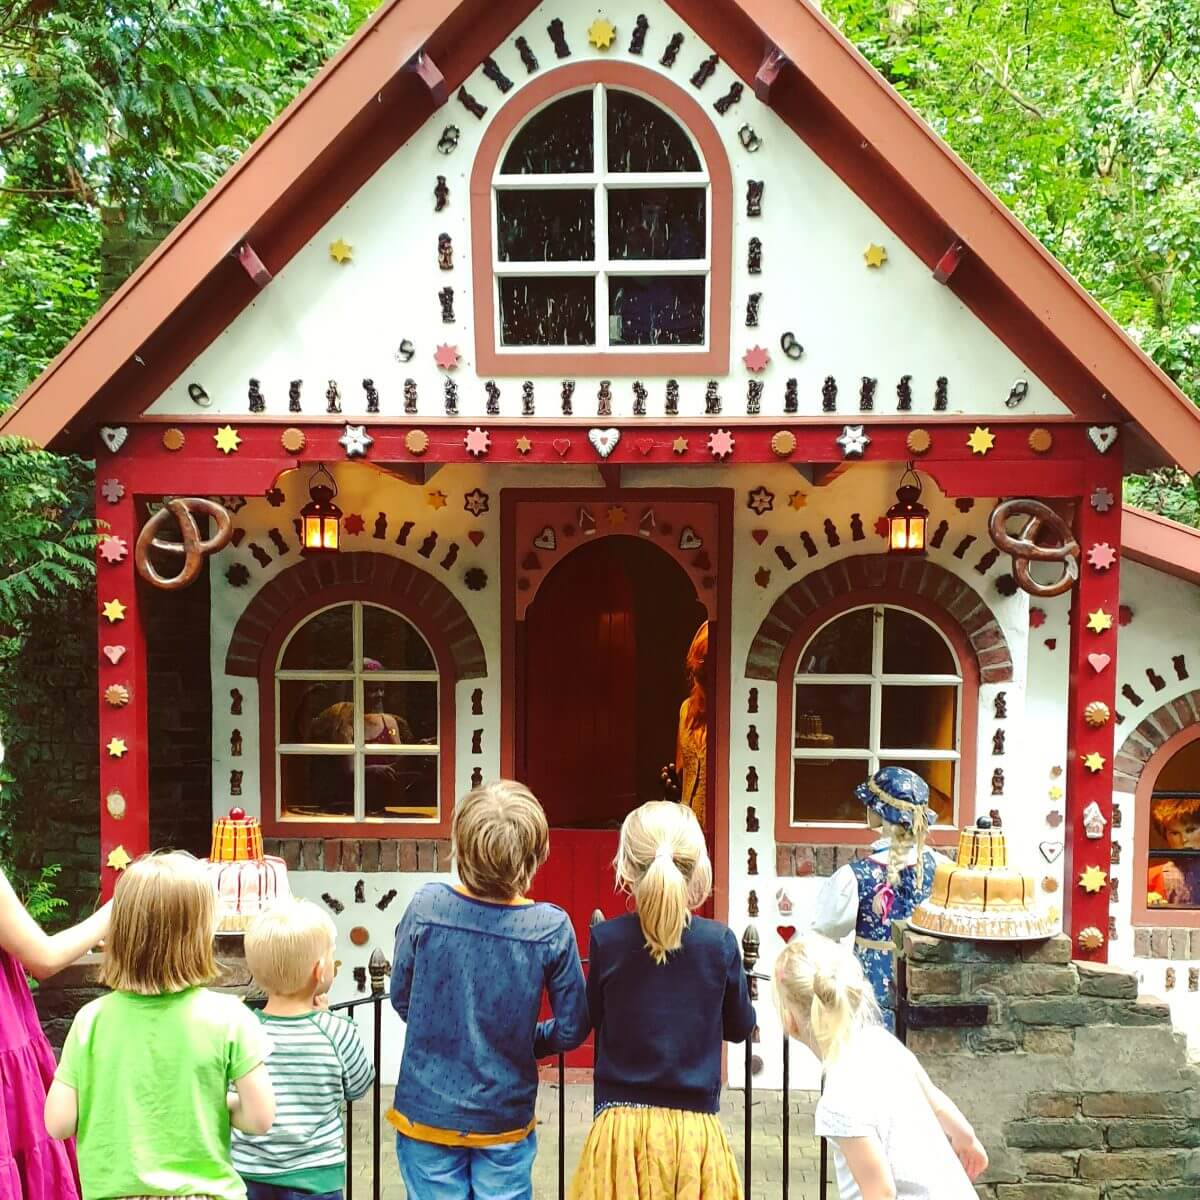 het snoephuisje van Hans en Grietje in het sprookjesbos van Sprookjeswonderland